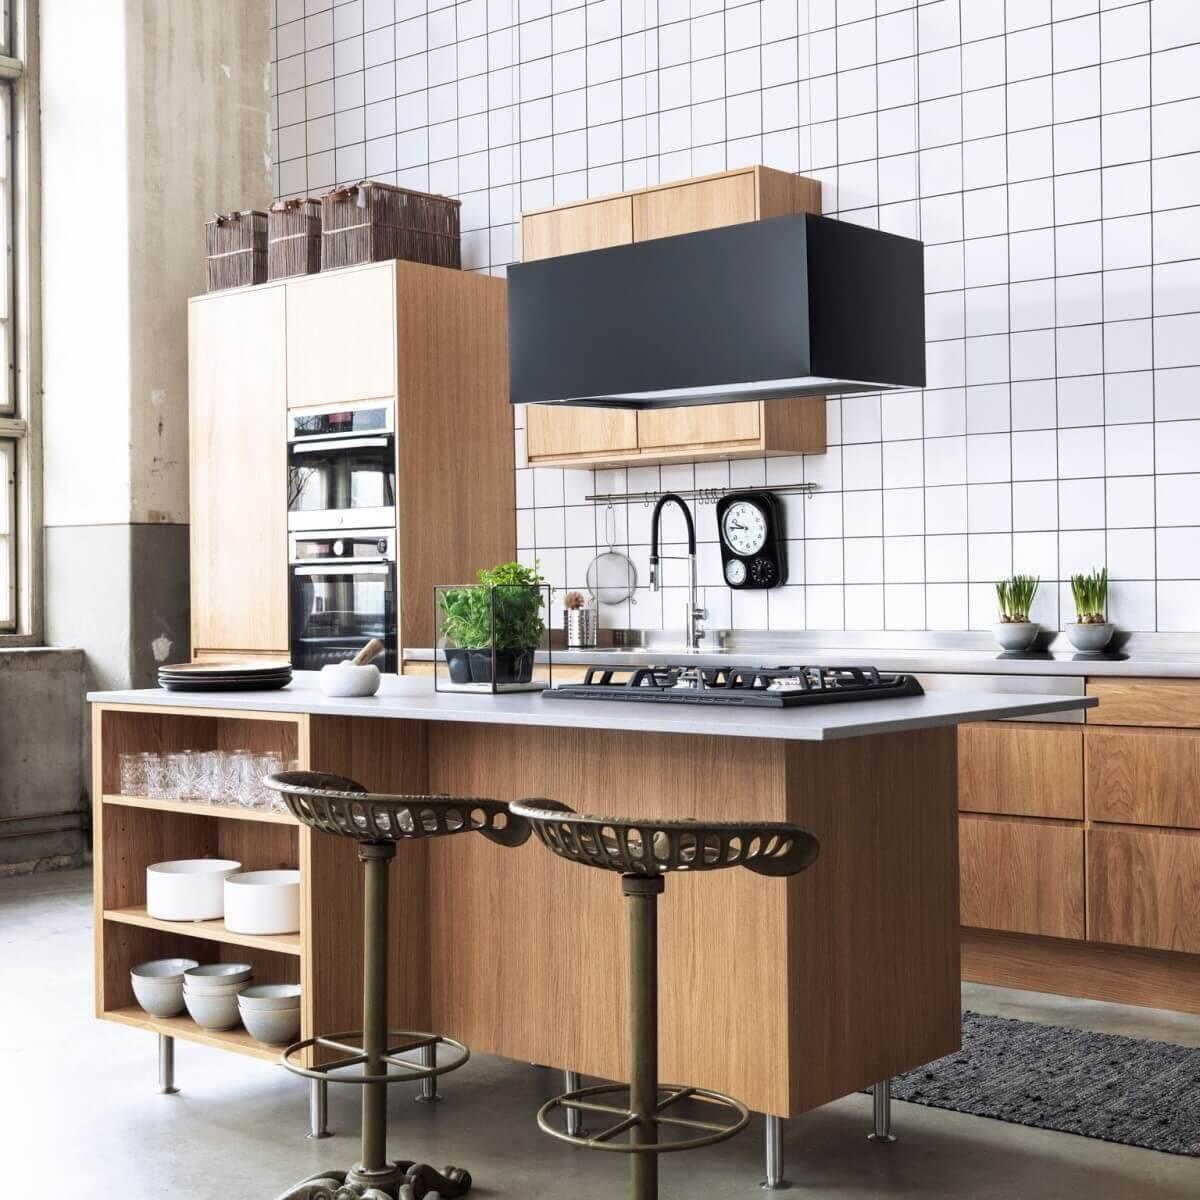 Frihängande köksfläkten Pendel i svart utförande ovanför ekfärgad köksö i minimalistisk köksmiljö.